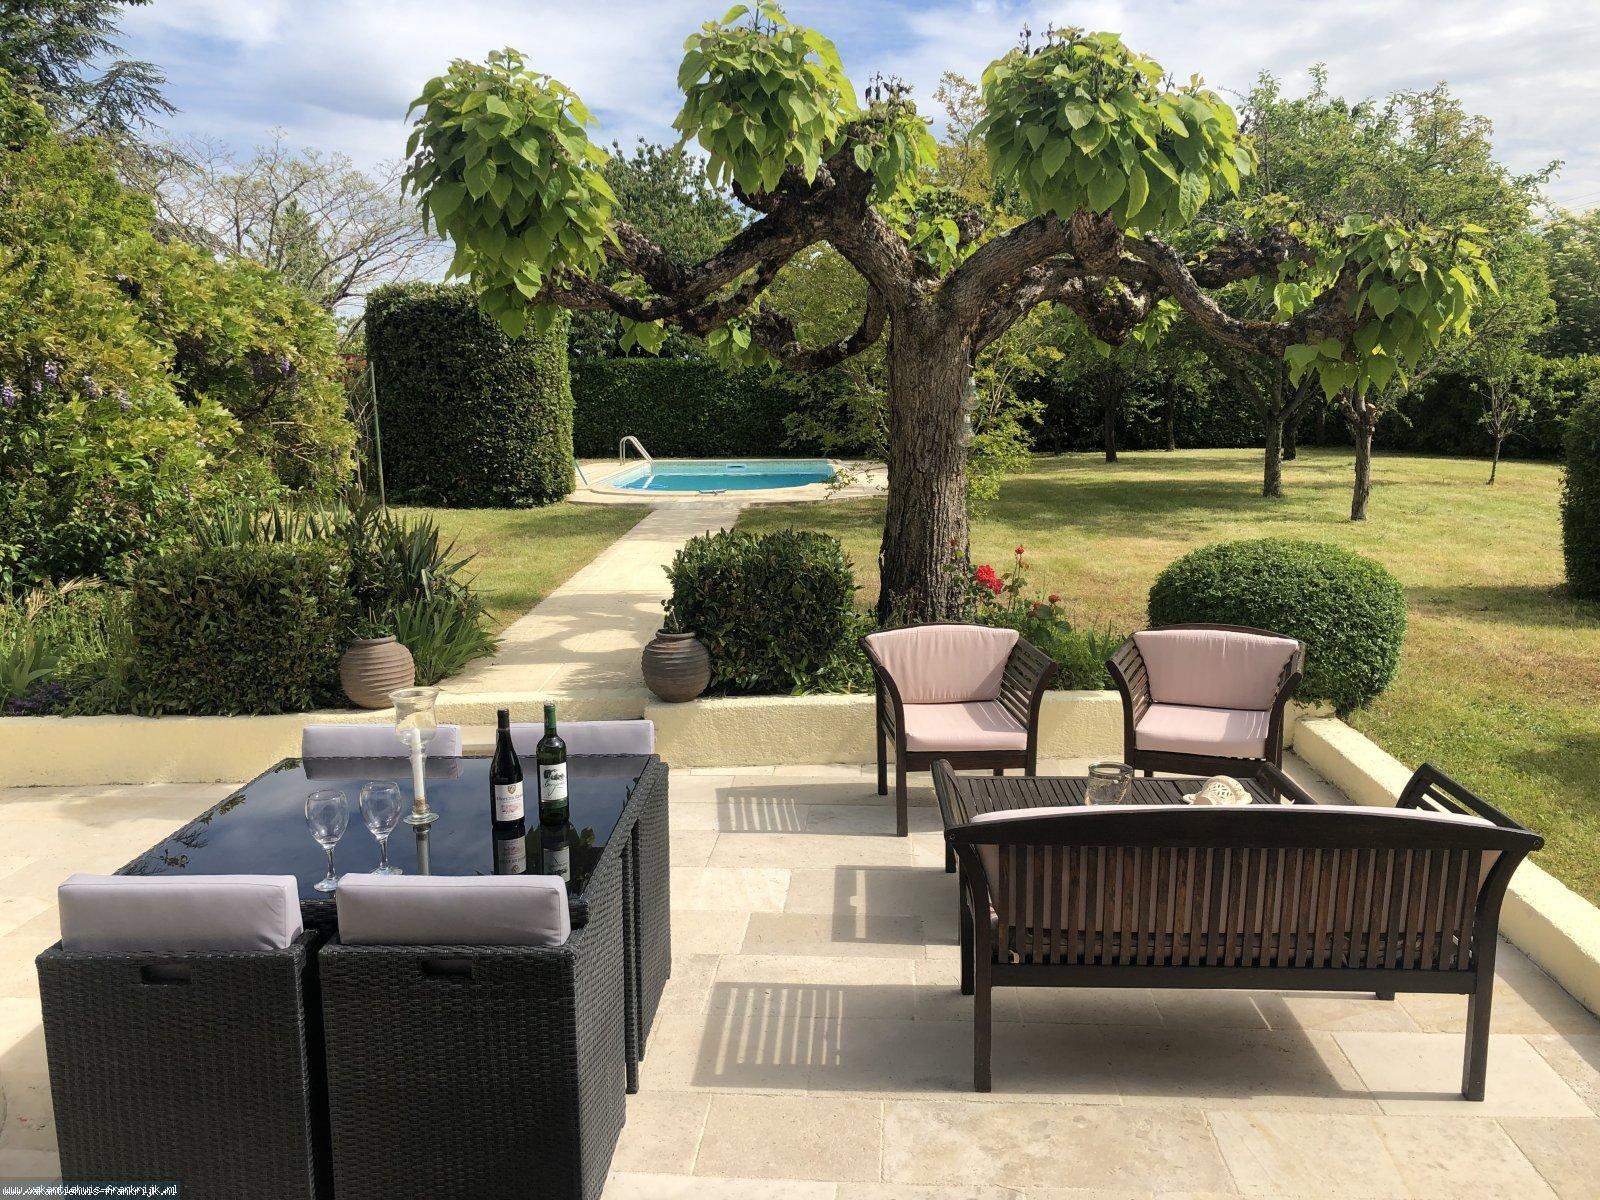 Vakantiehuis: Beleautou is prachtig vrijstaand vakantiehuis met omheinde tuin en een privé zwembad dus hond welkom . te huur voor uw vakantie in Lot et Garonne (Frankrijk)